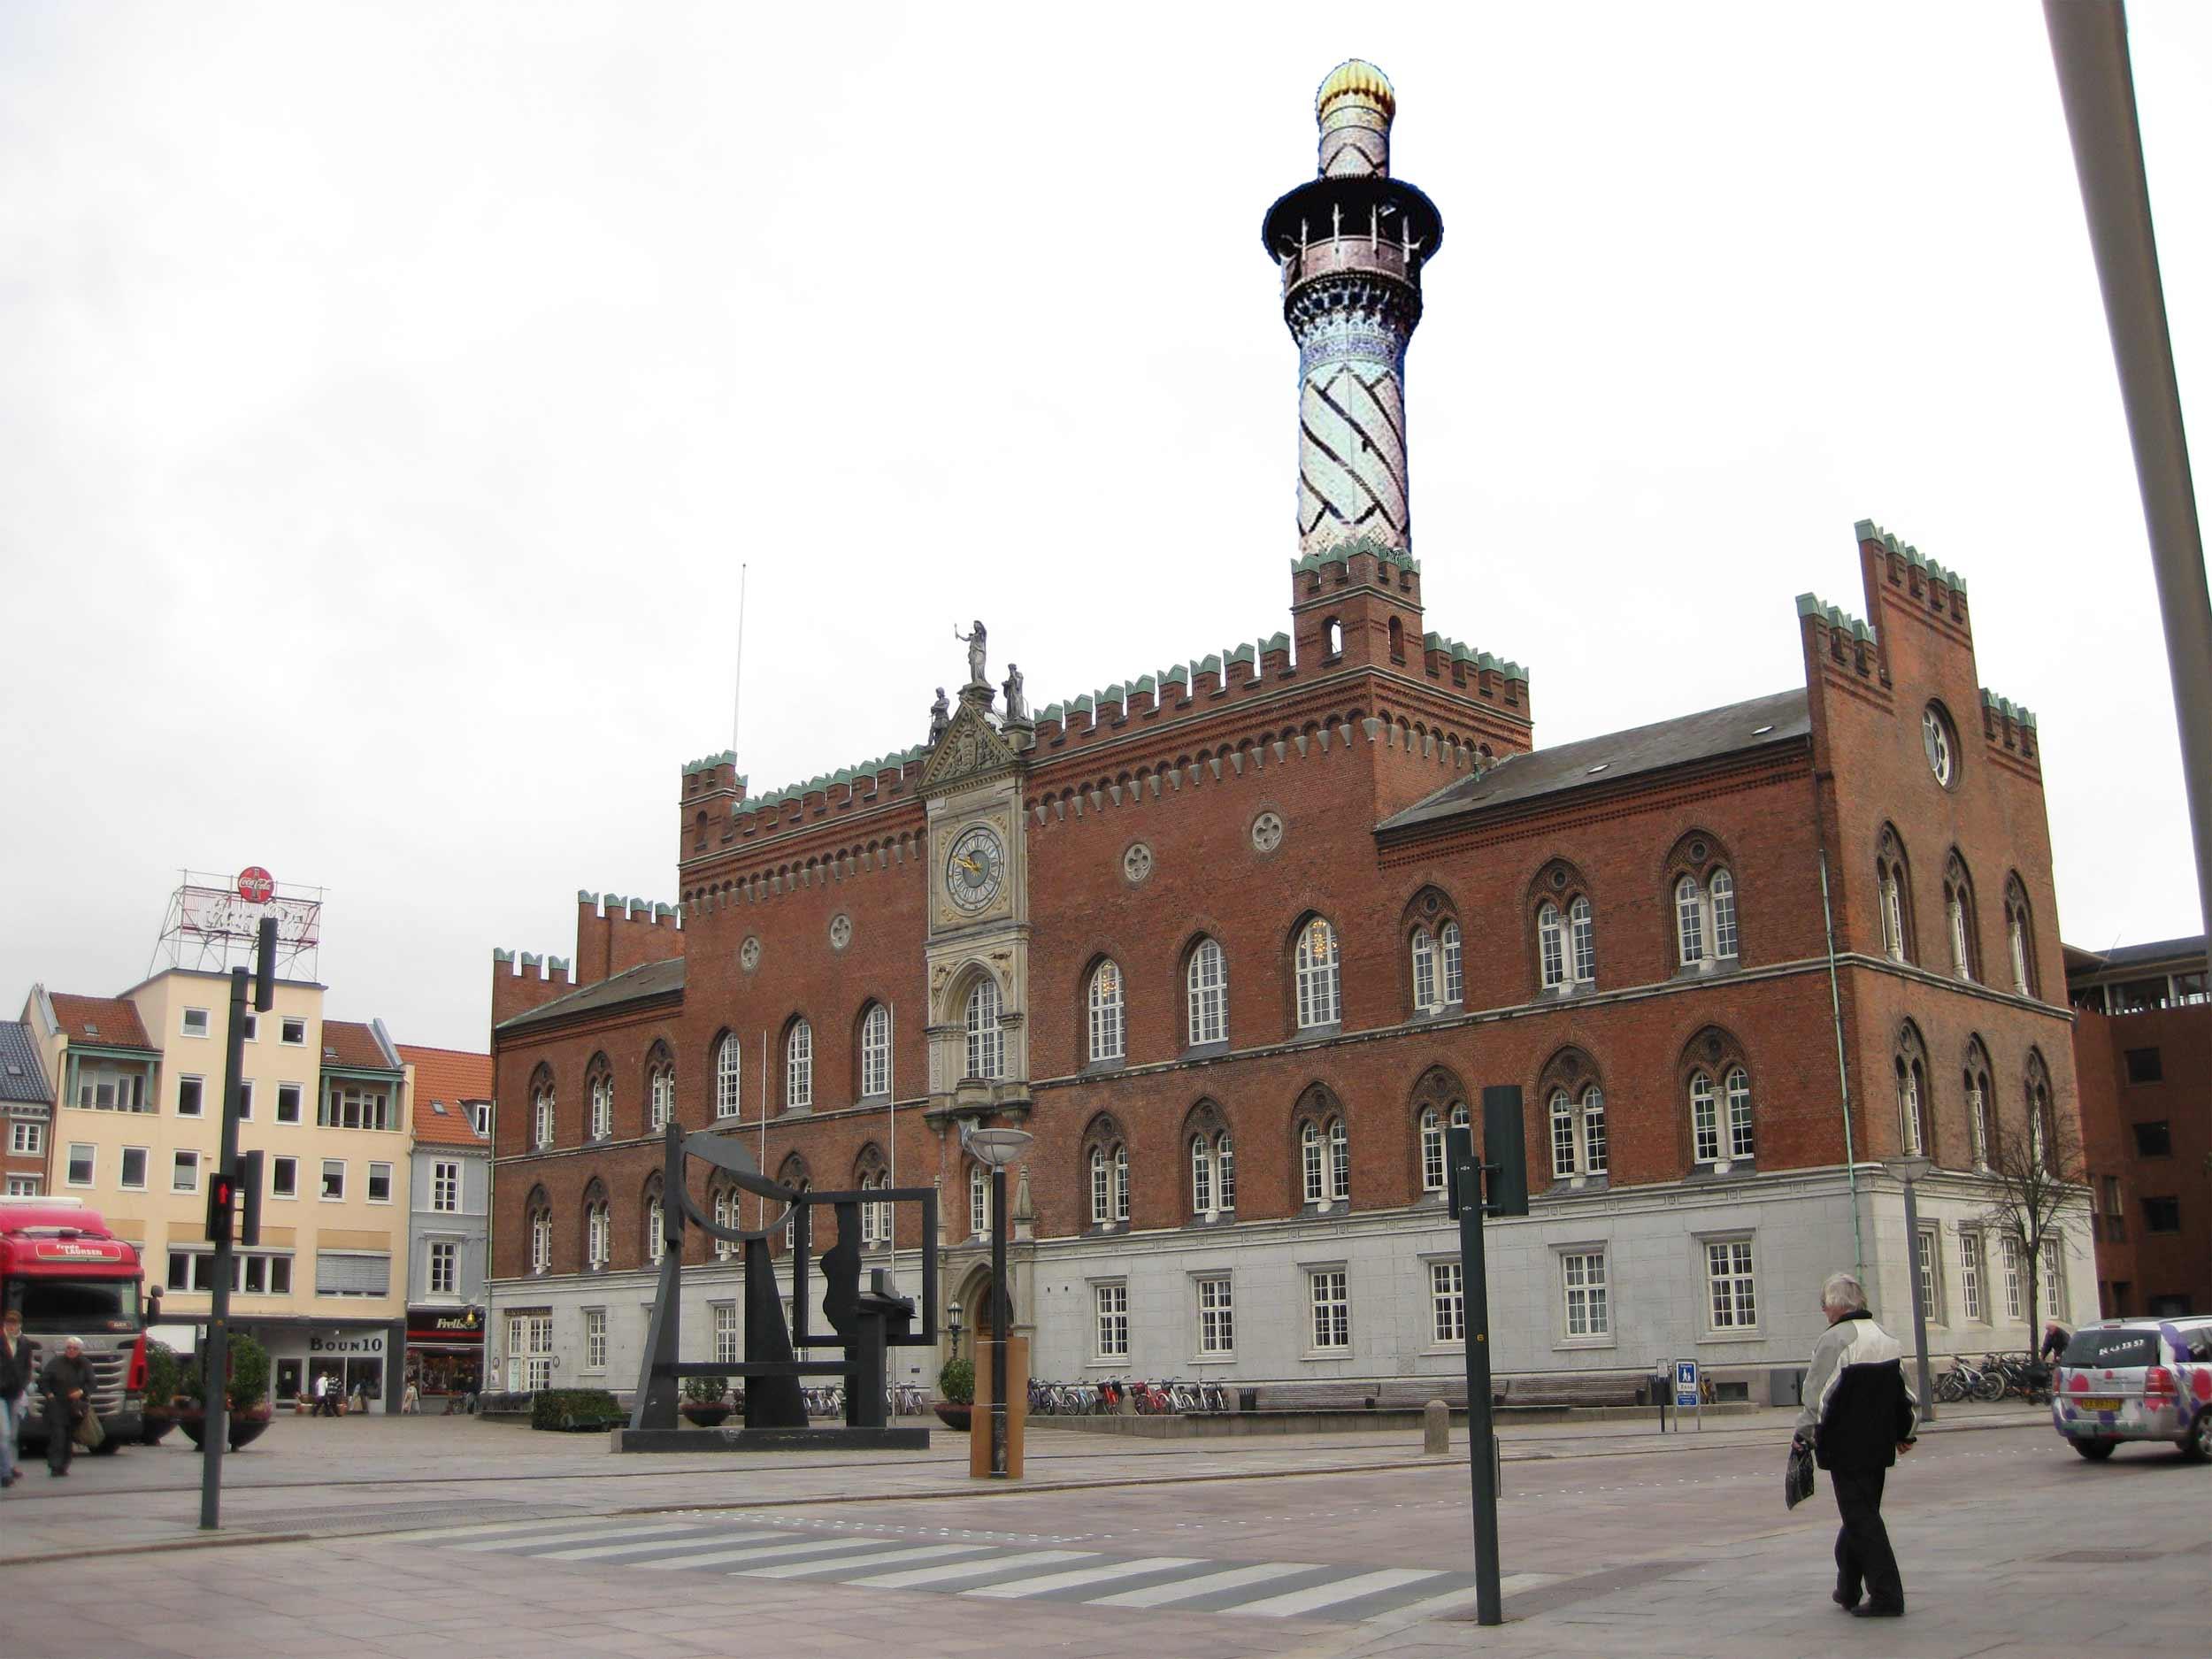 Stormoskéen i Odense udstyres med to minerater, hvoraf den ene monteres på den gamle rådhusbygning.